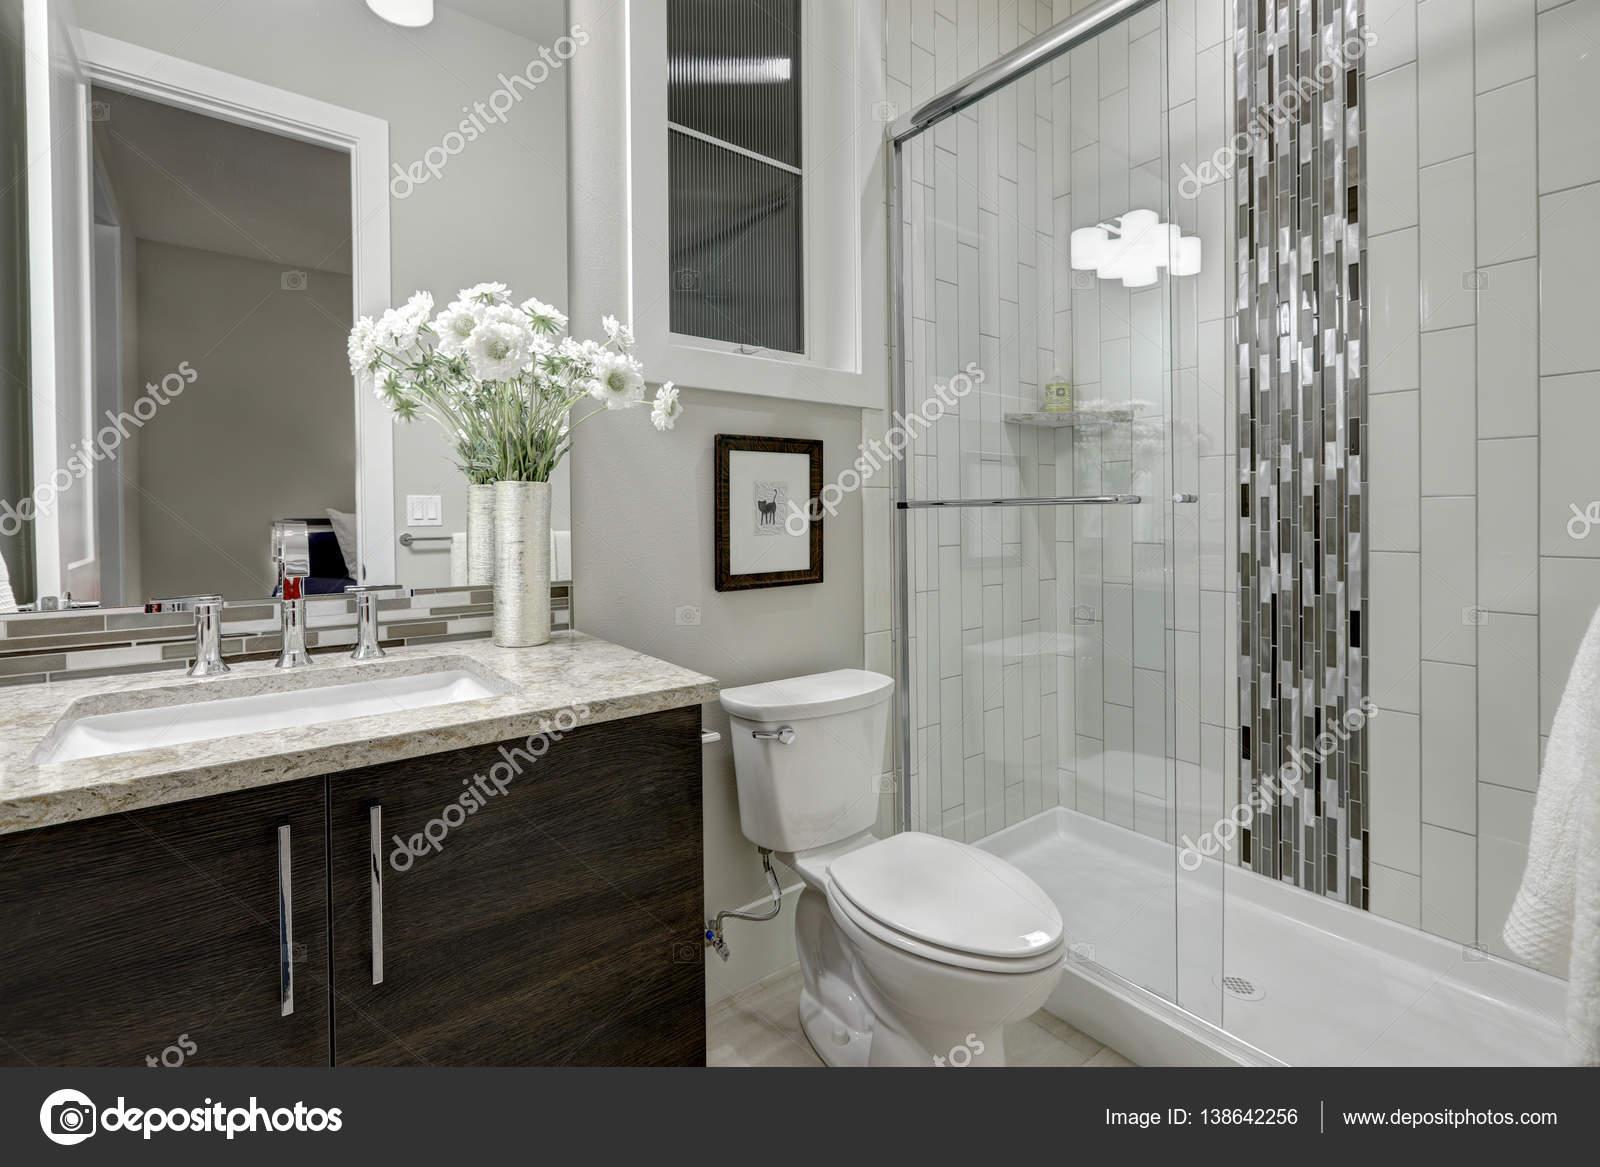 Inloopdouche Met Tegels : Glazen inloopdouche in een badkamer van luxe home u stockfoto